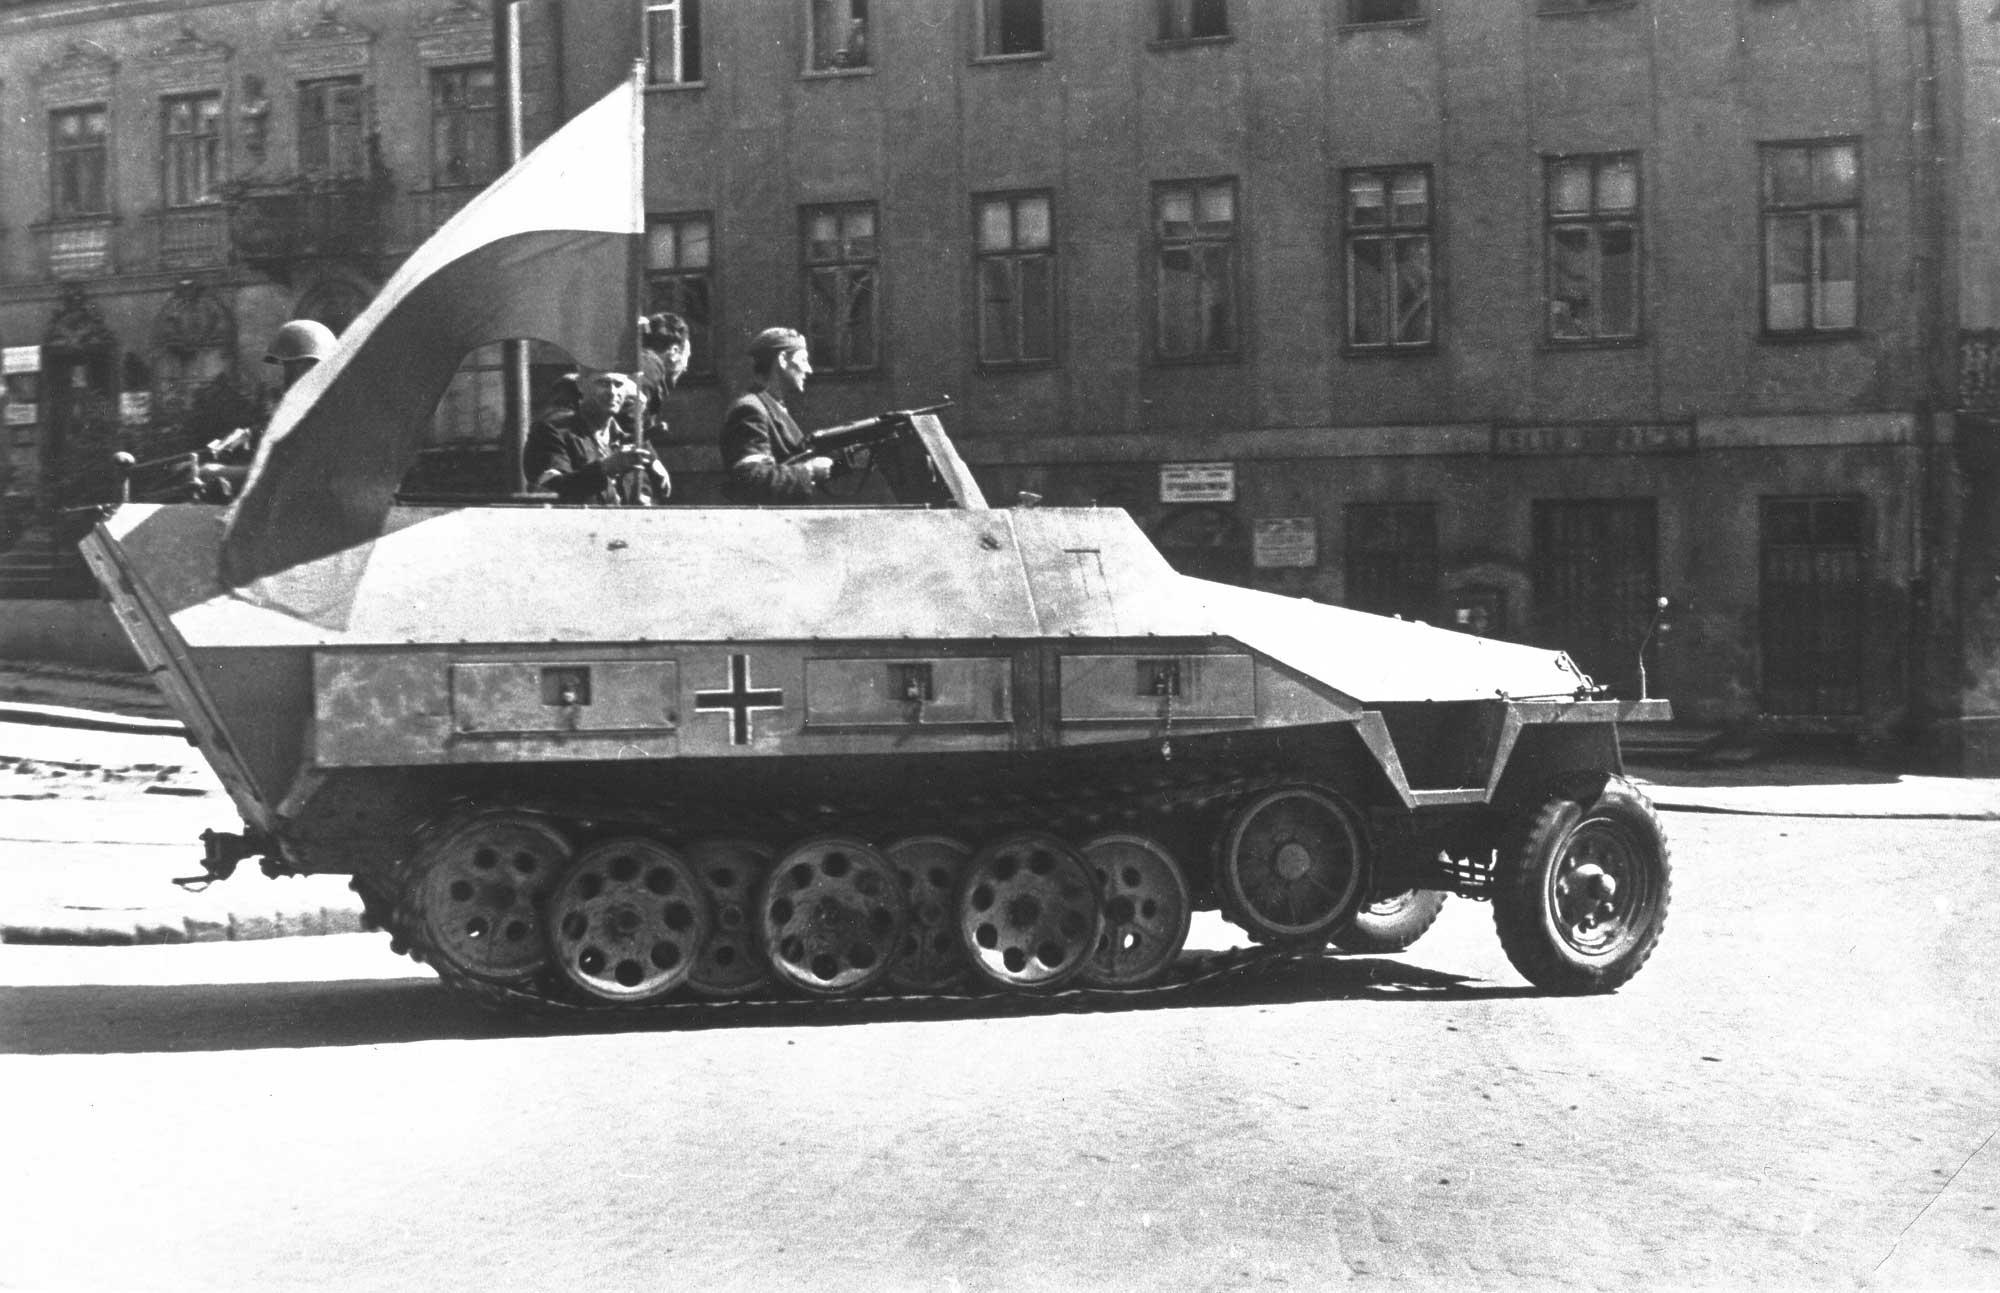 Datei:Warsaw Uprising-Captured SdKfz 251.jpg